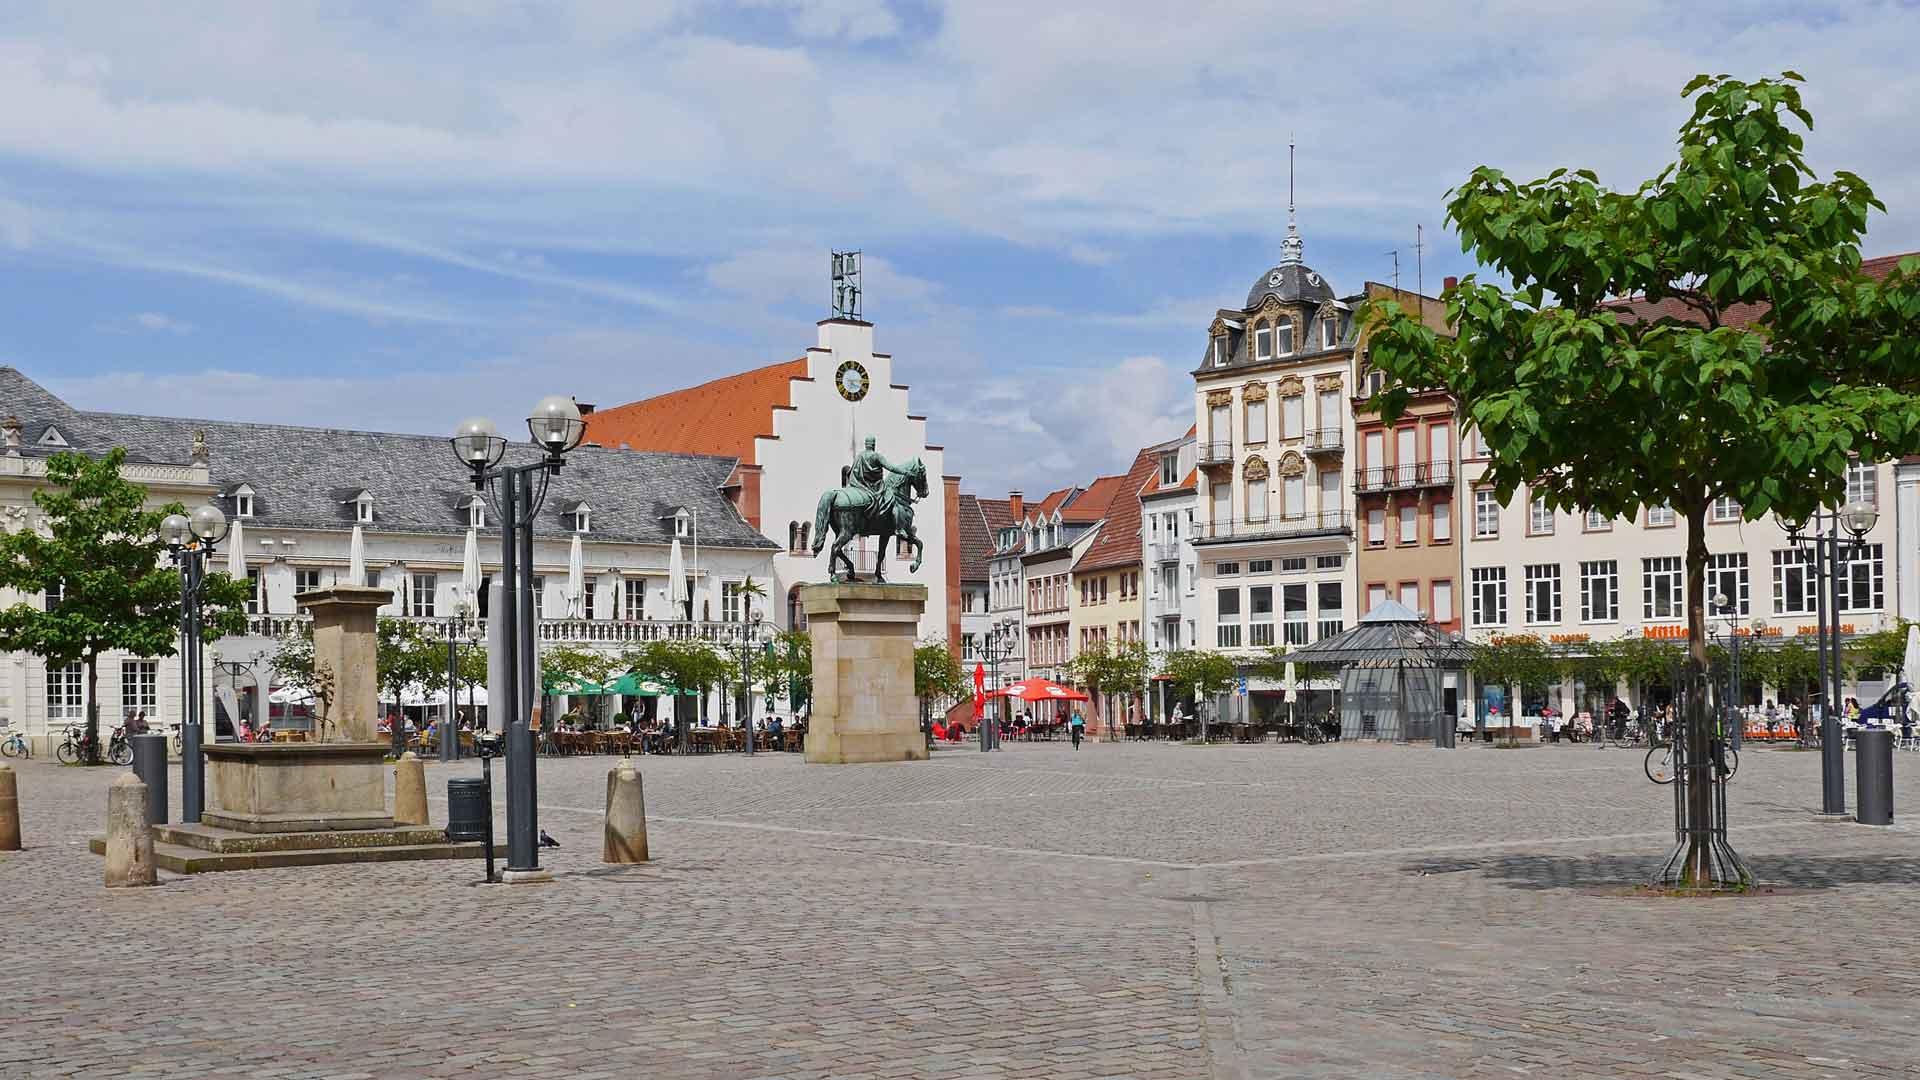 Landau in de Pfalz.